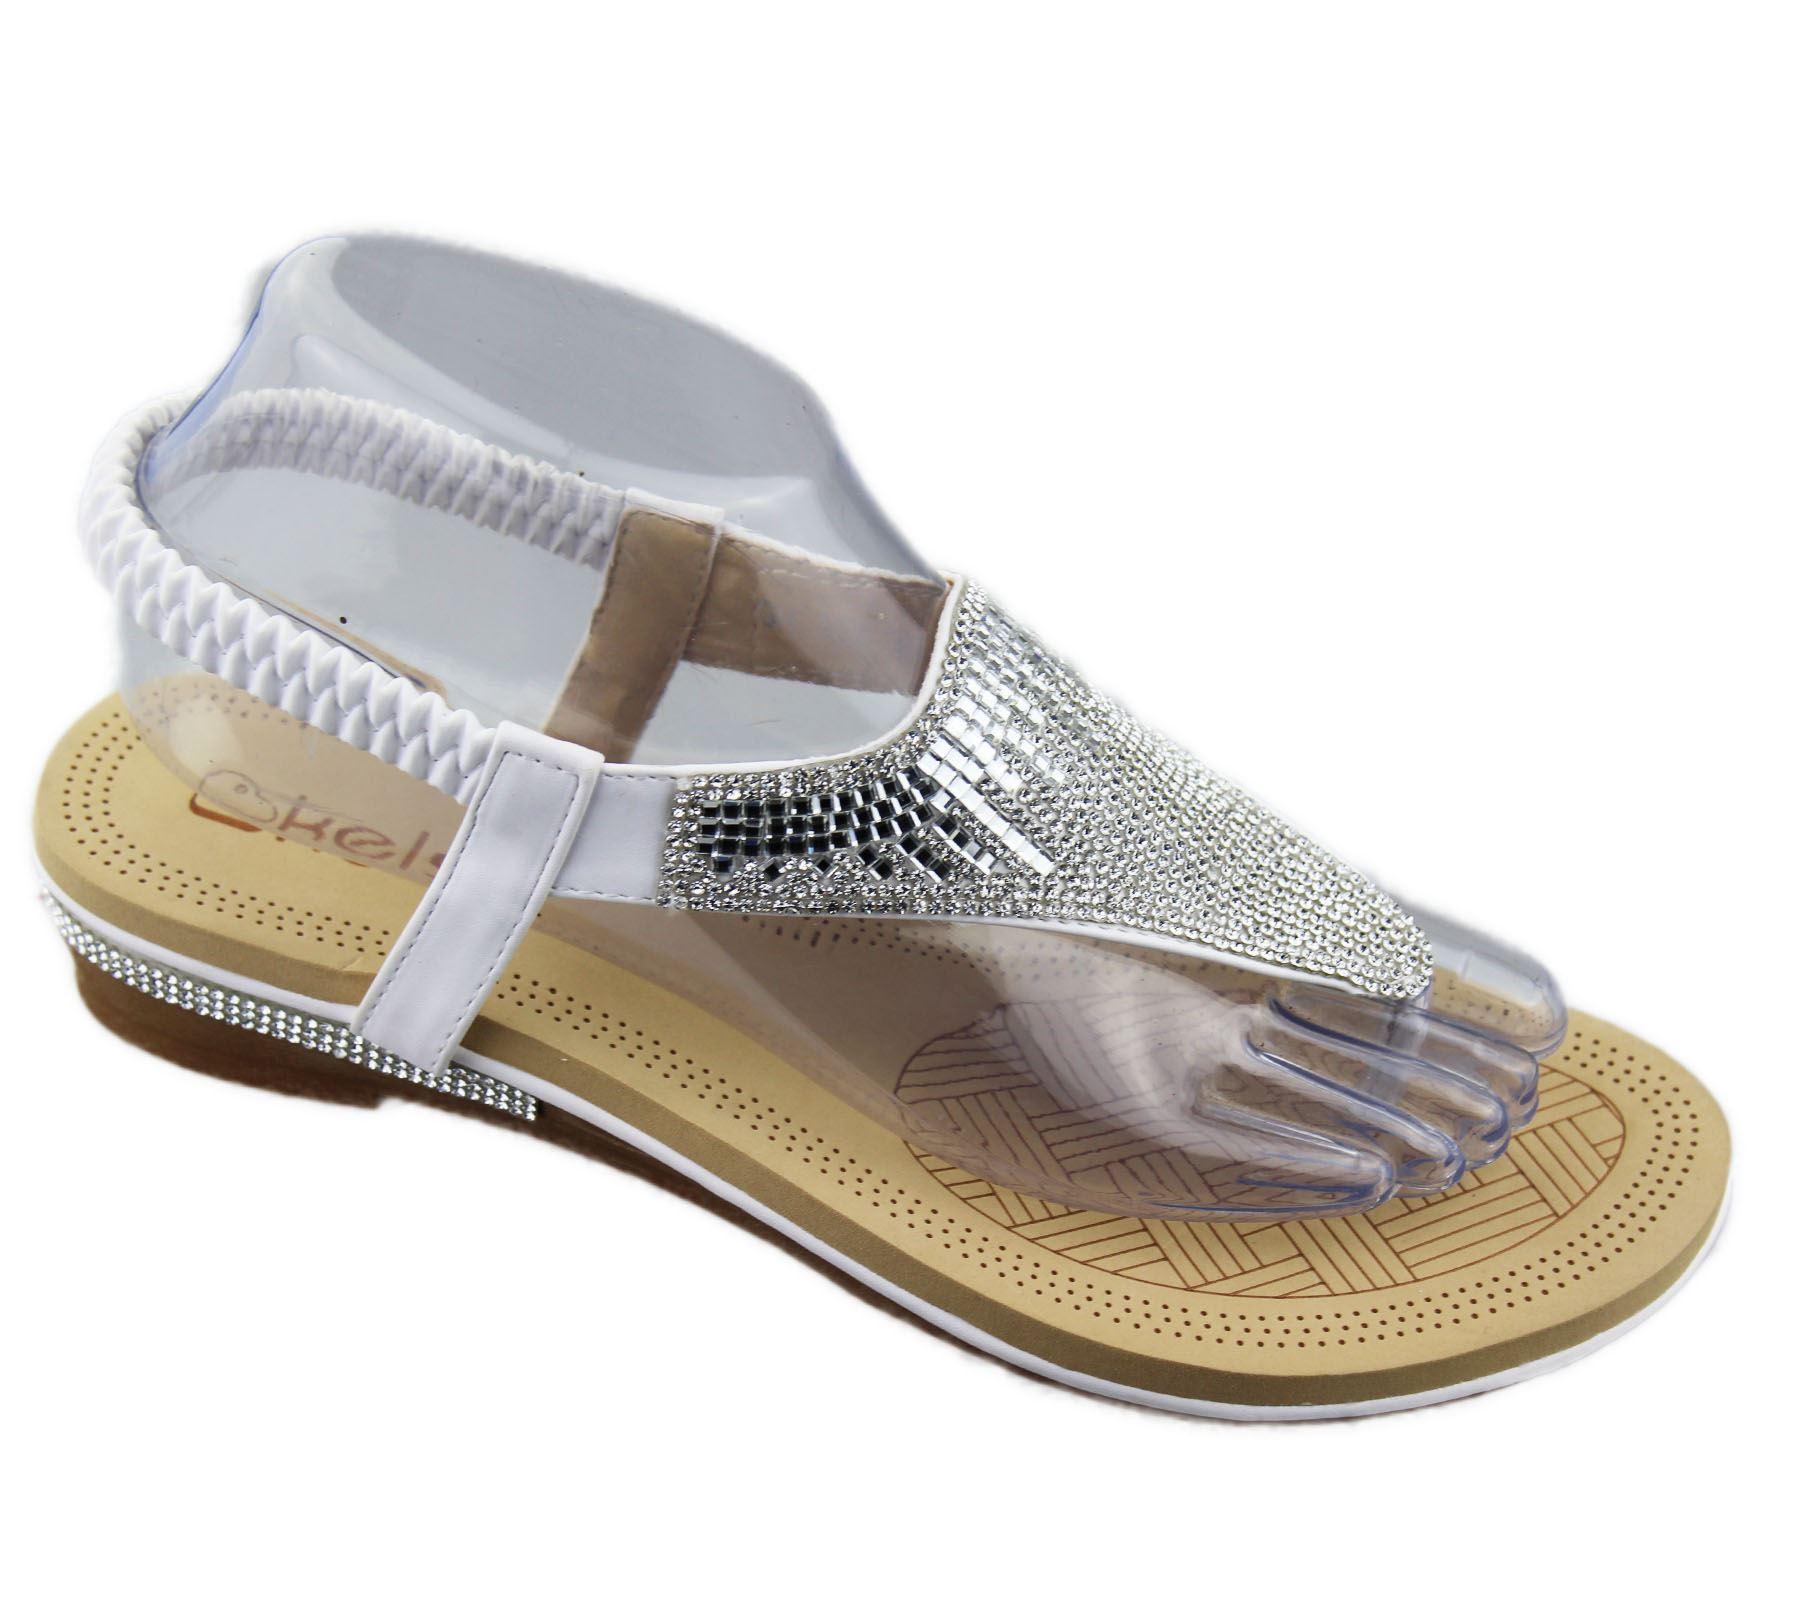 FOOTWEAR - Toe post sandals N°21 ApnV3dGYWb